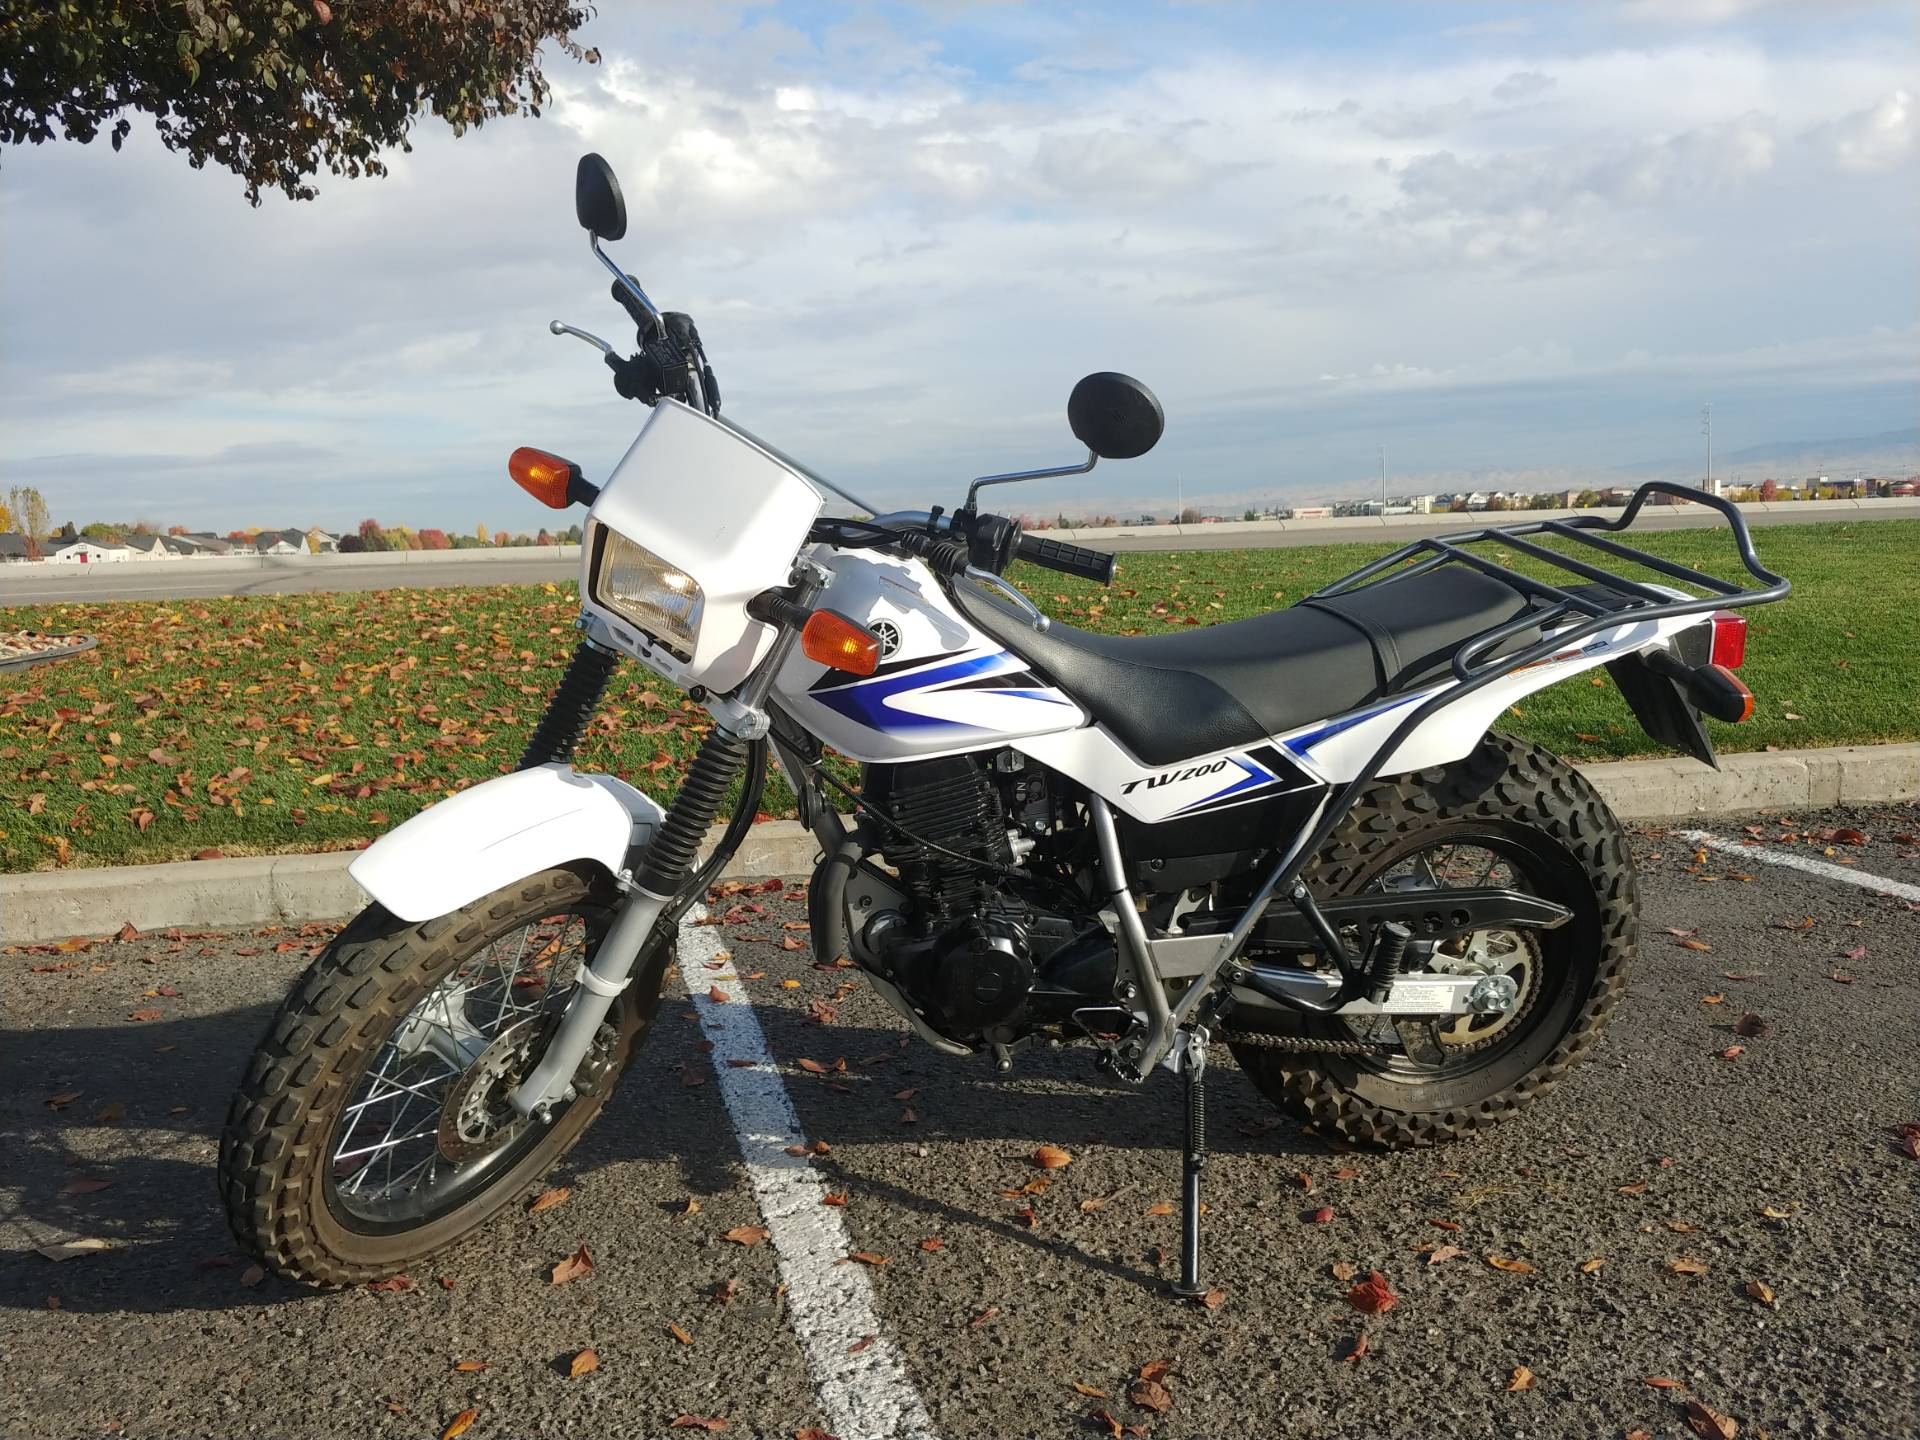 2012 Yamaha TW200 for sale 21989